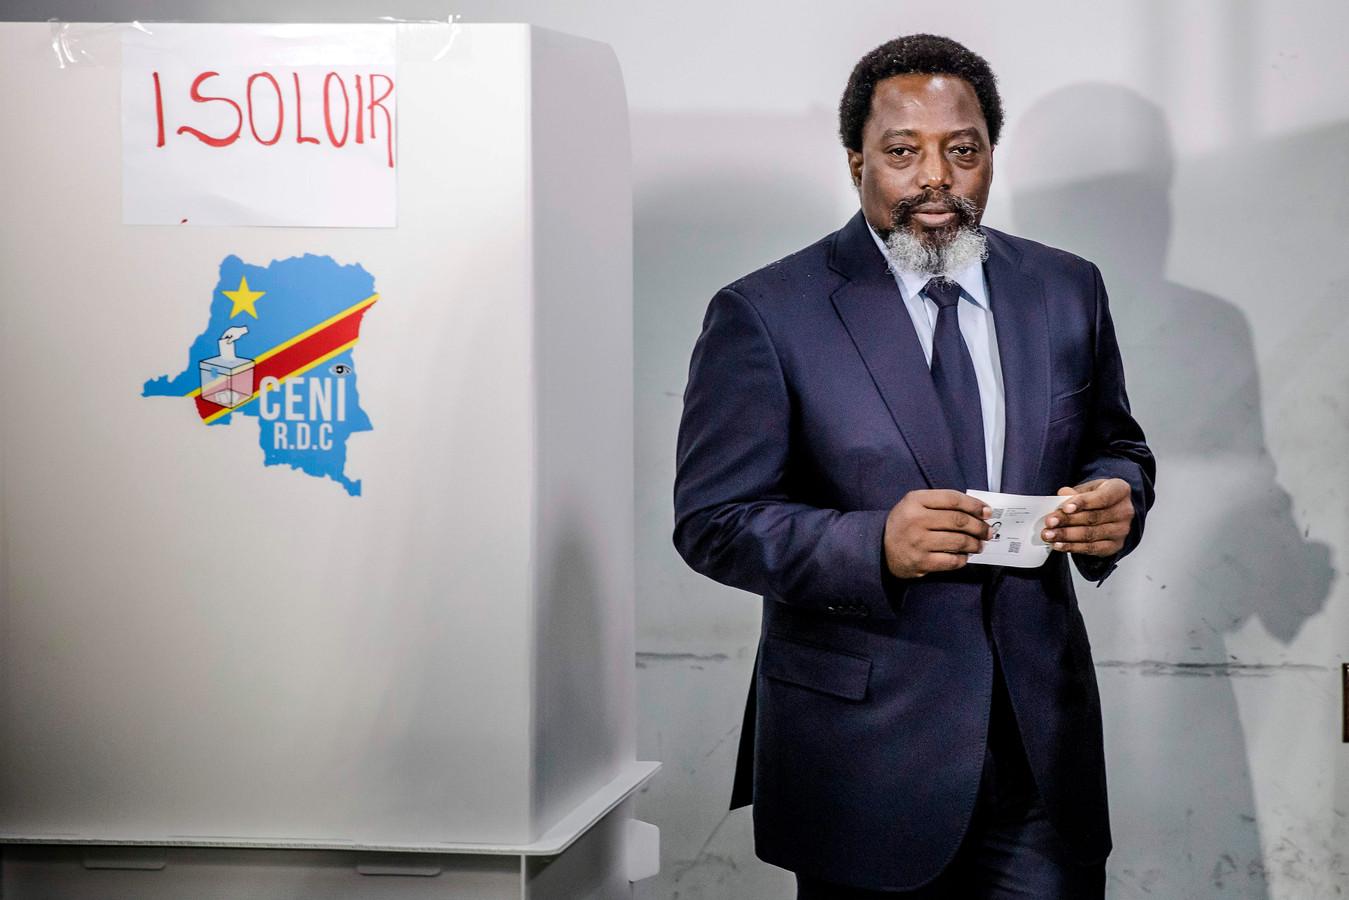 Joseph Kabila (47), Congo, 26 januari 2001 -24 januari 2019